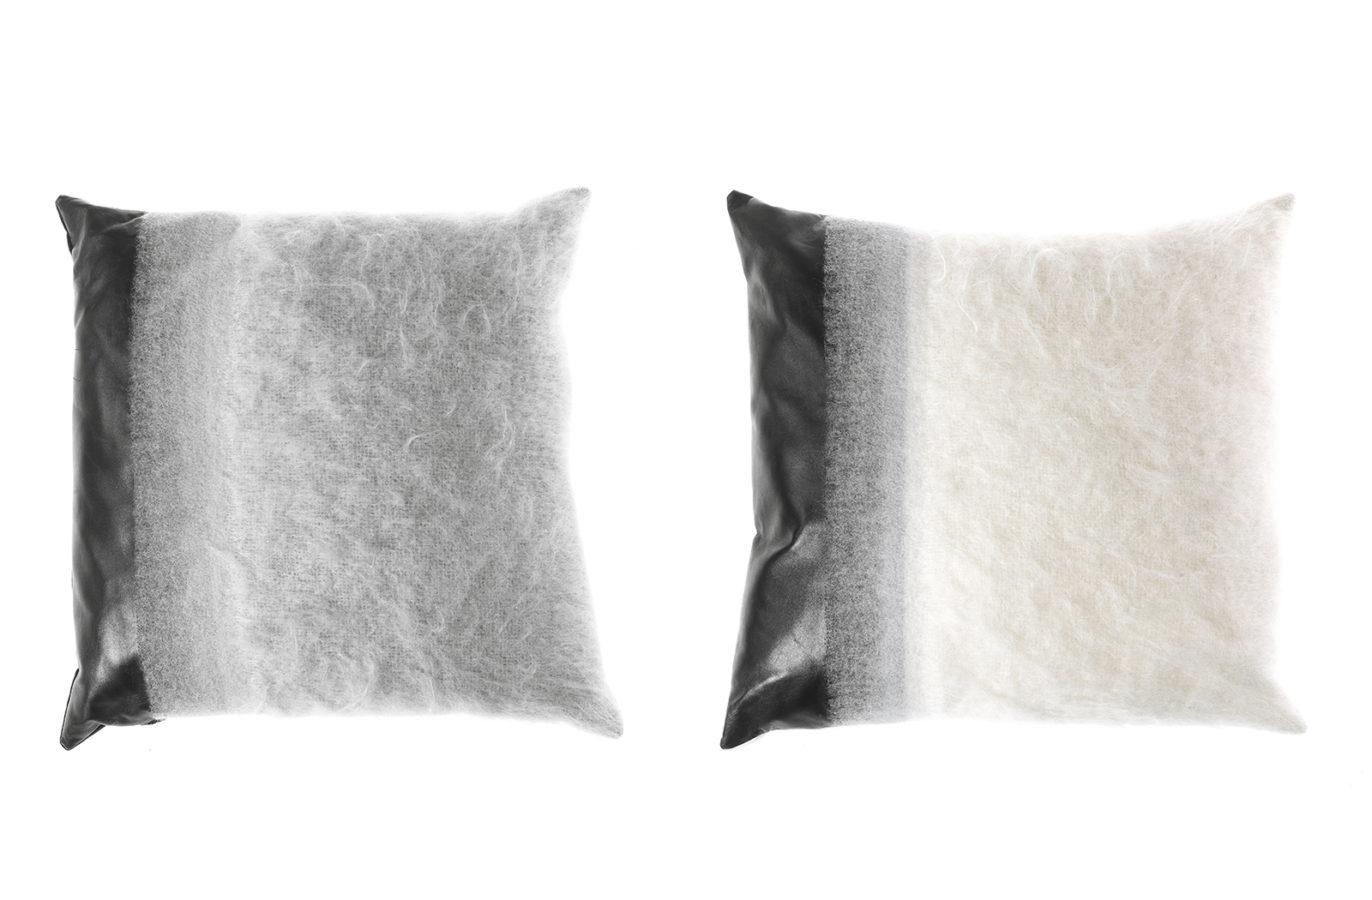 Gianfranco Ferre Home Precious 1 Cushion